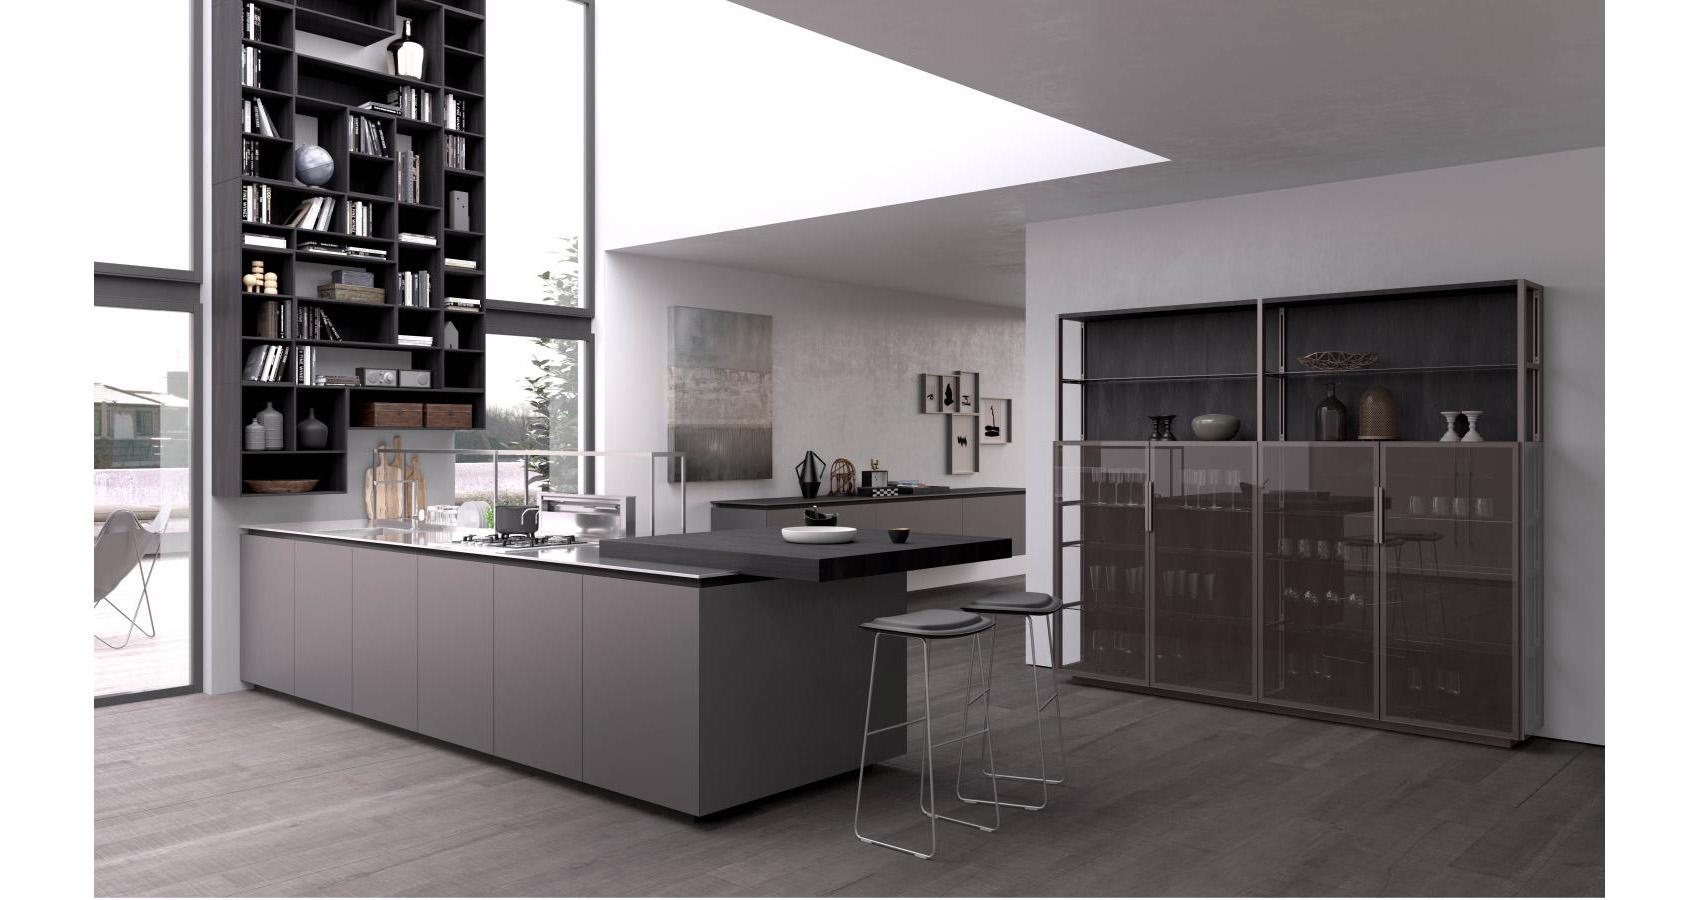 Opinioni Cucine Ikea - Idee per la progettazione di decorazioni per ...